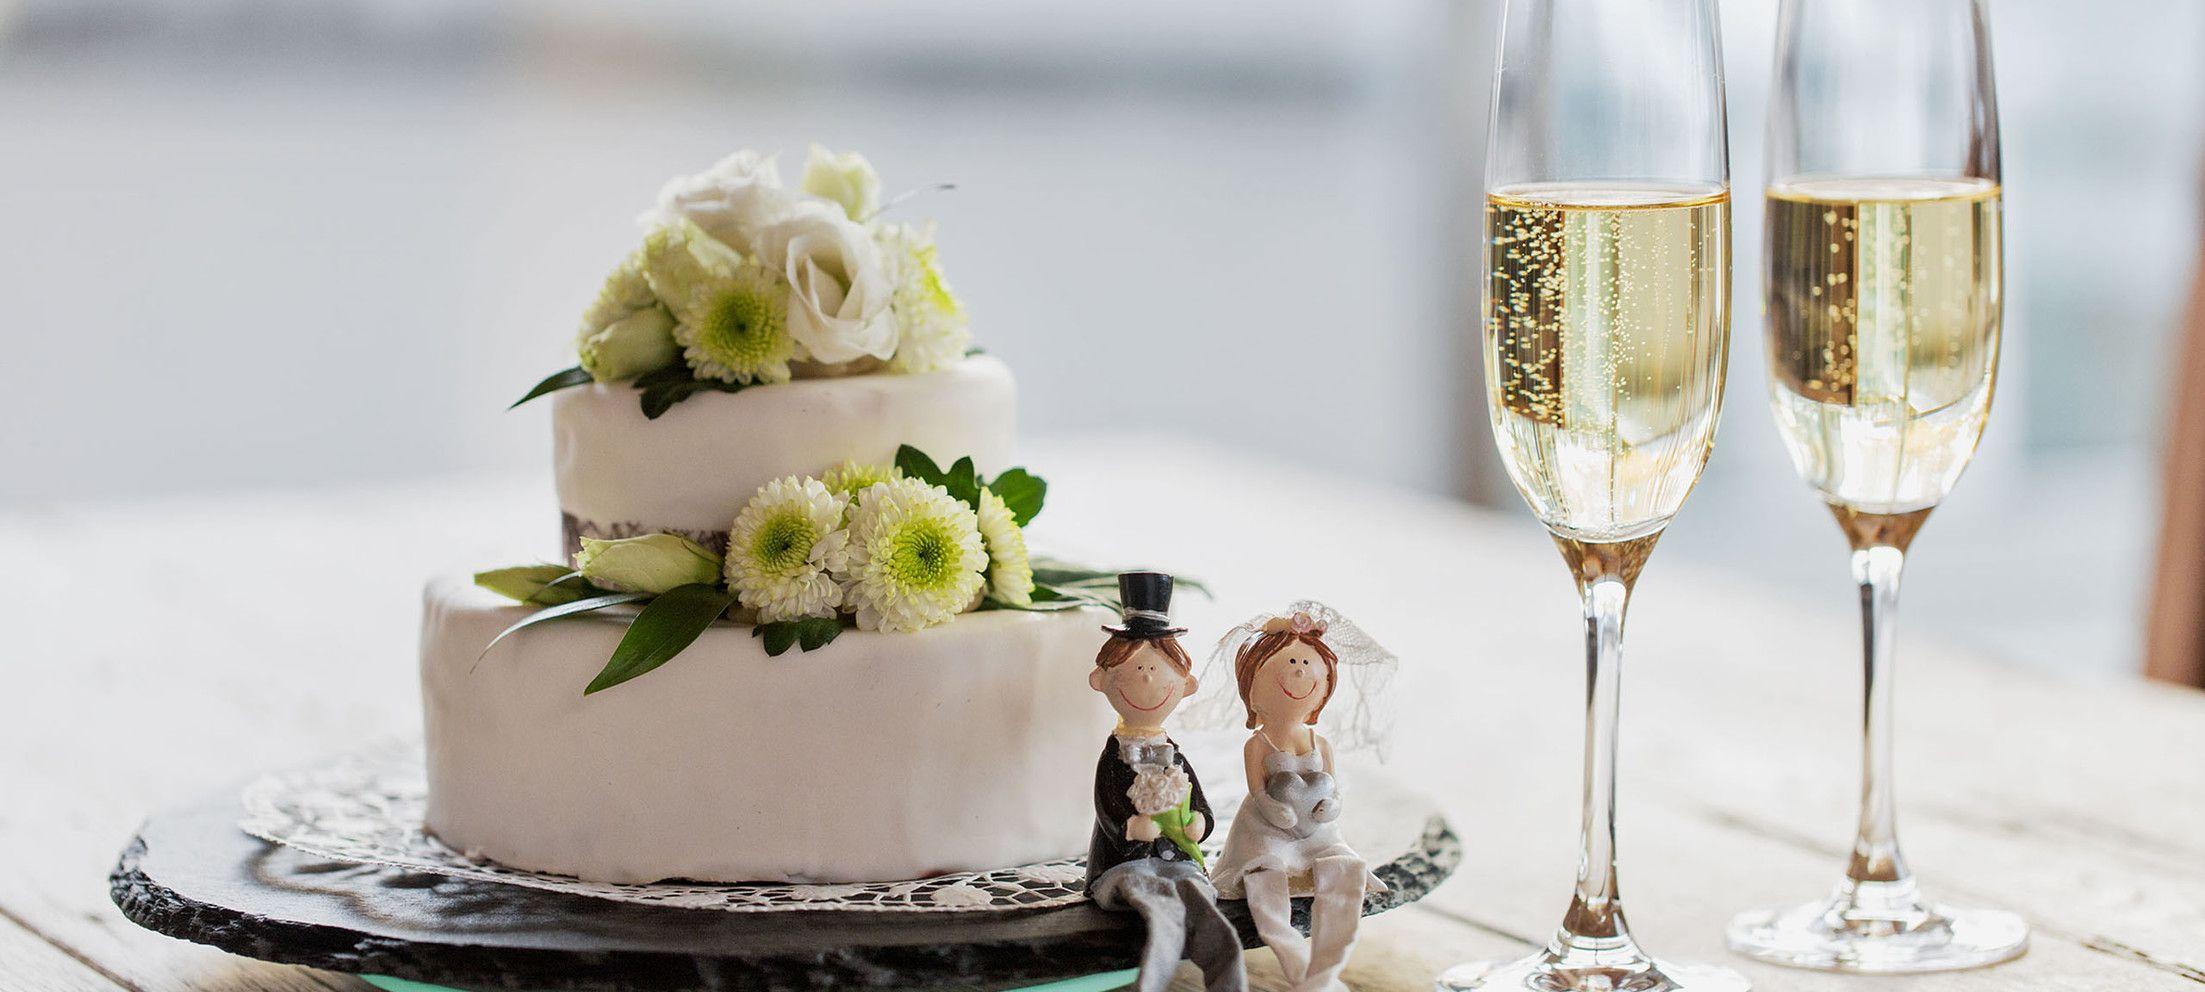 Hochzeitstorte mit Sekt und Marzipan